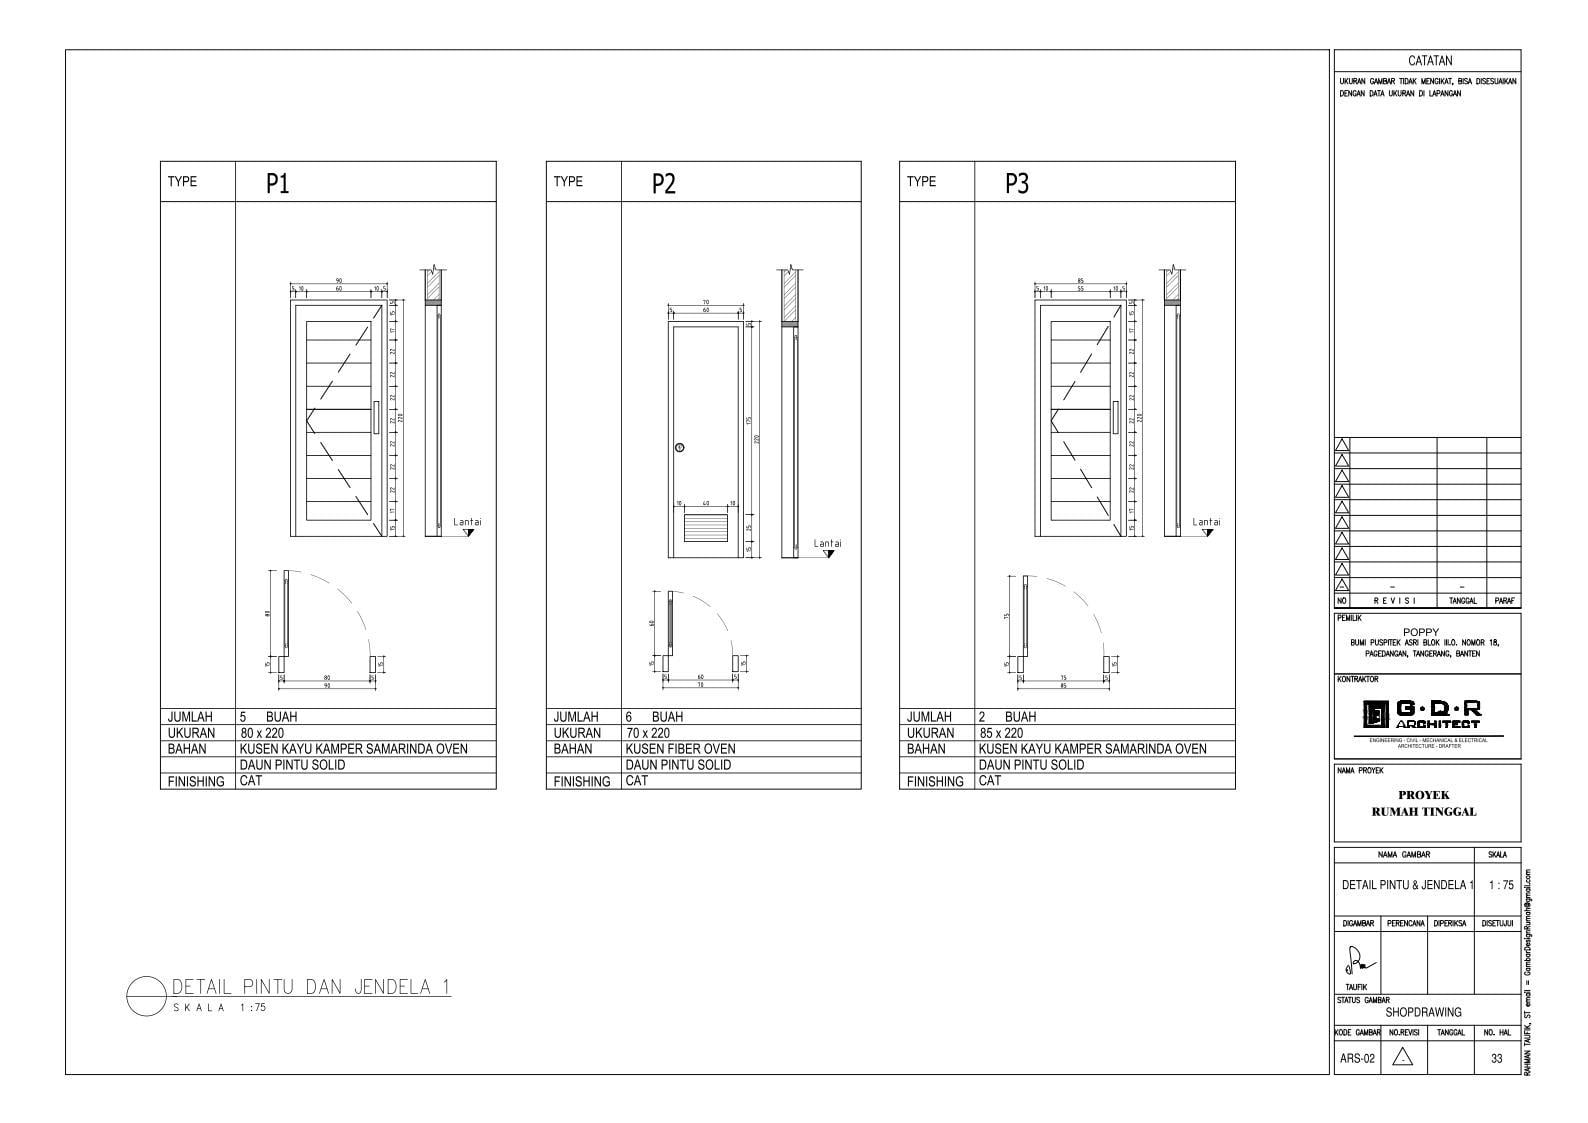 Jasa Desain Rumah Contoh Paket Gambar Kerja 33 DETAIL PINTU DAN JENDELA 1